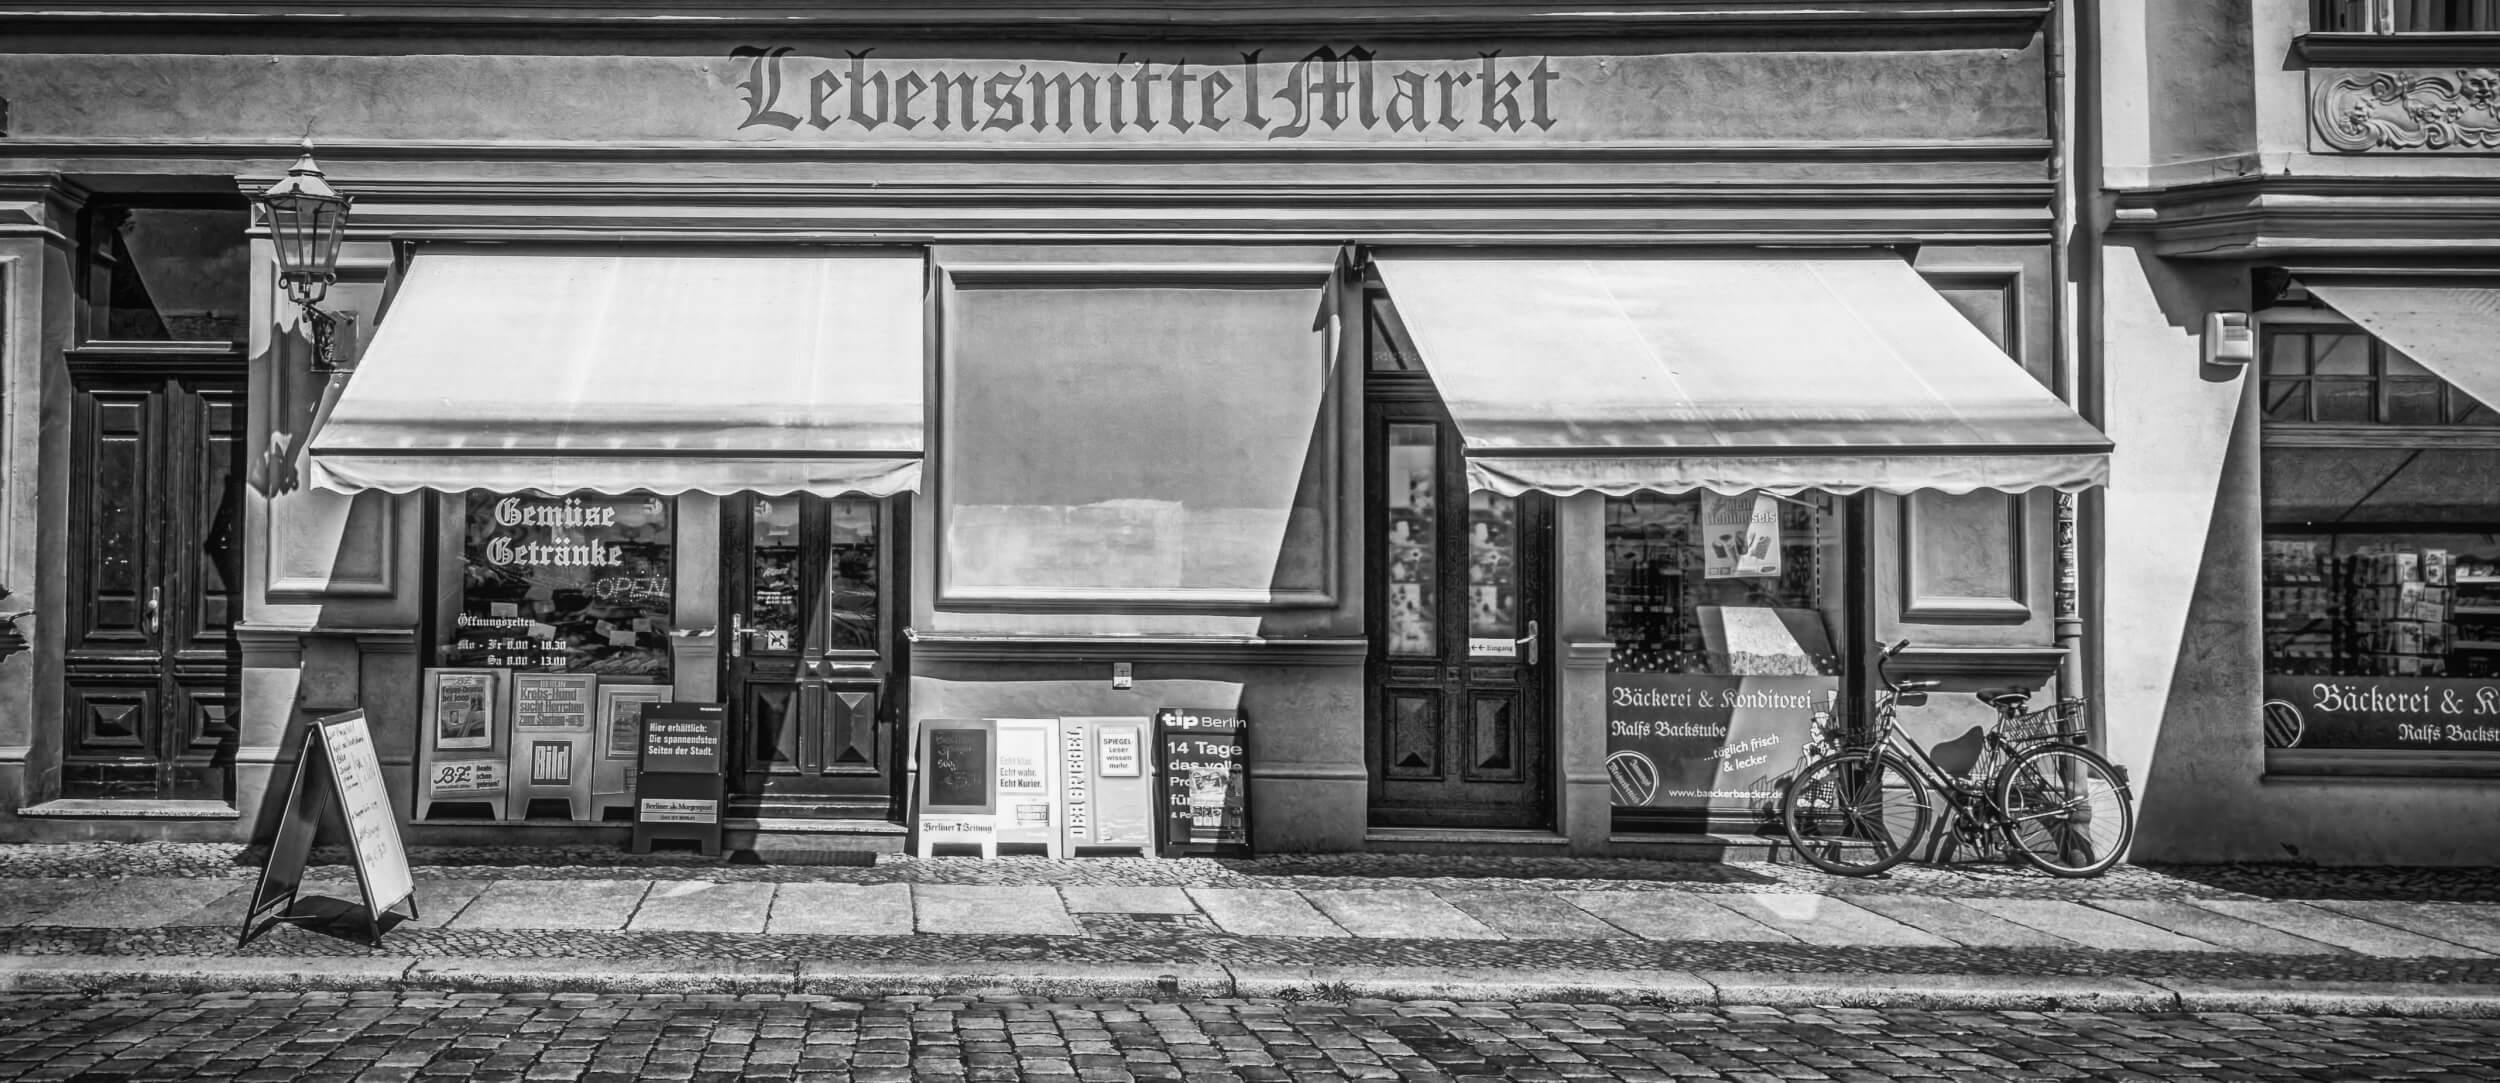 Fachkräftelücke im Einzelhandel (c) ThomasWolter / pixabay.de